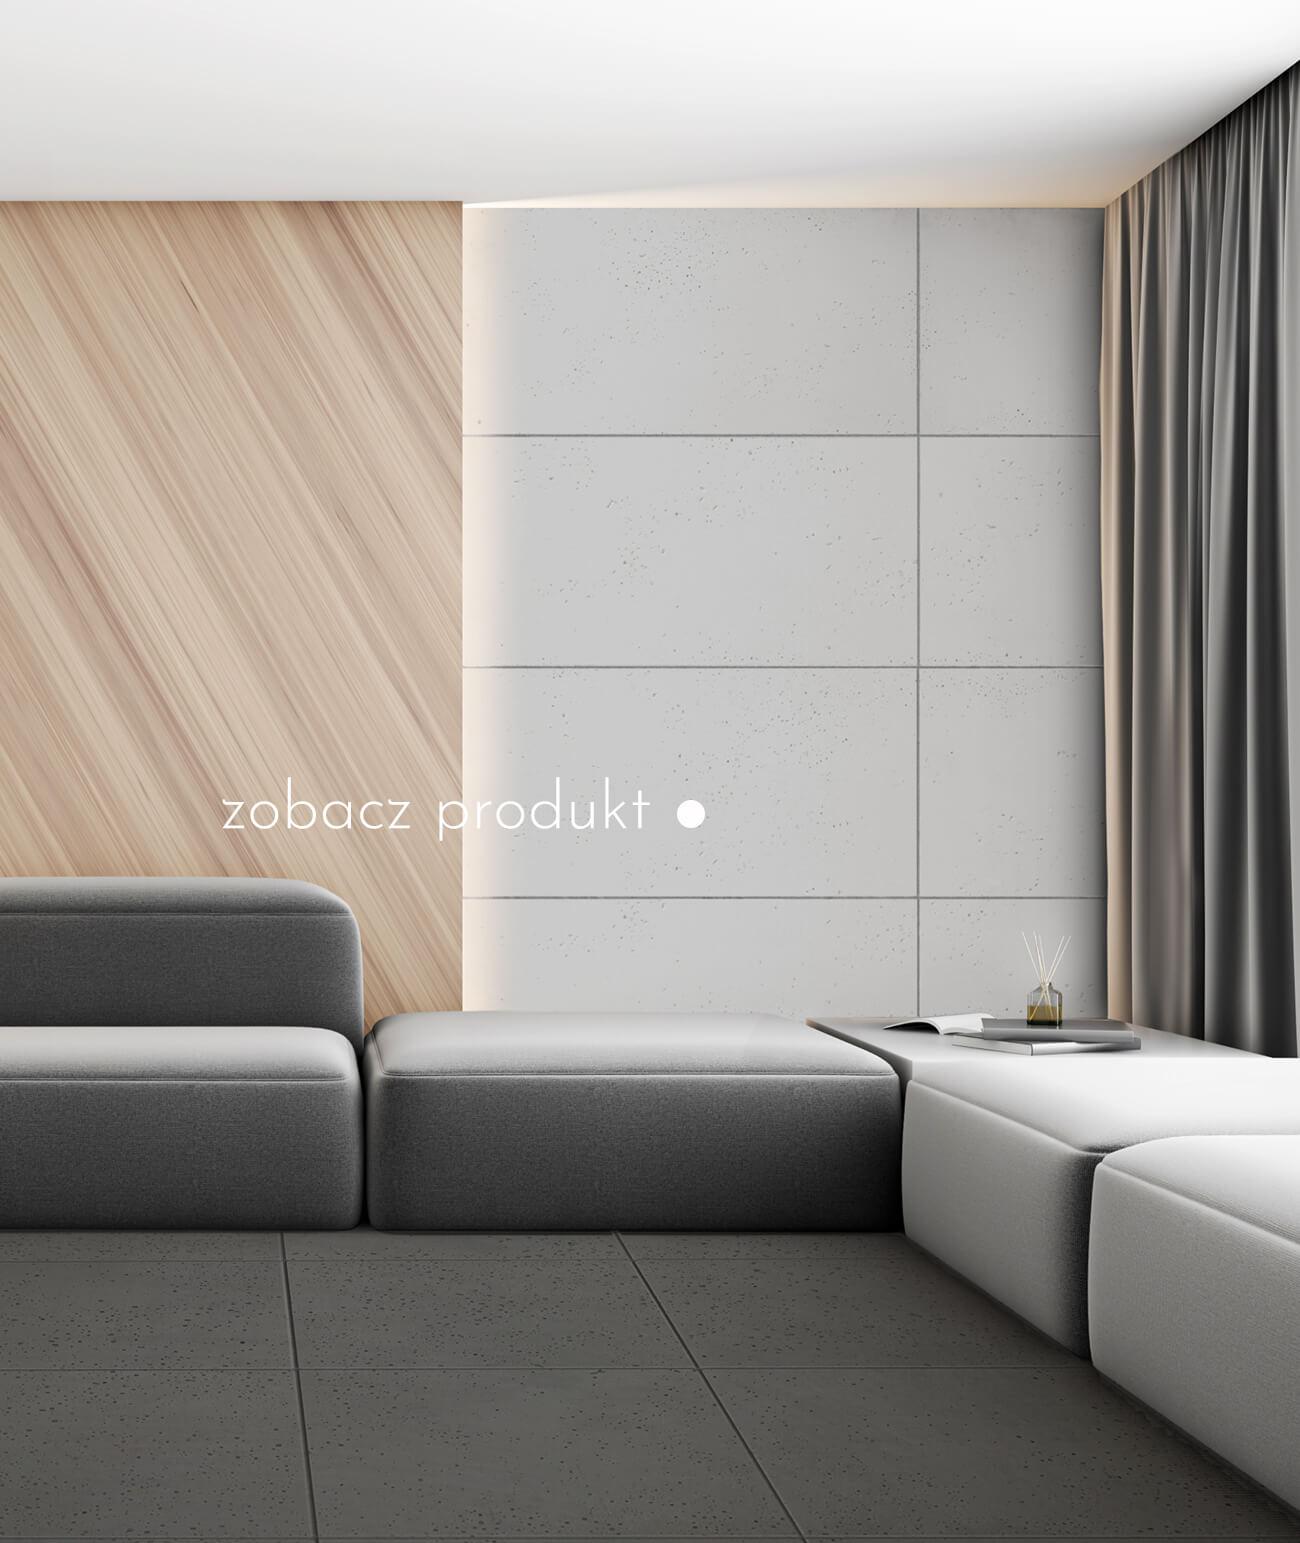 plyty-betonowe-scienne-i-elewacyjne-beton-architektoniczny_662-10234--bs-sniezno-bialy---plyta-beton-architektoniczny-rozne-wymiary